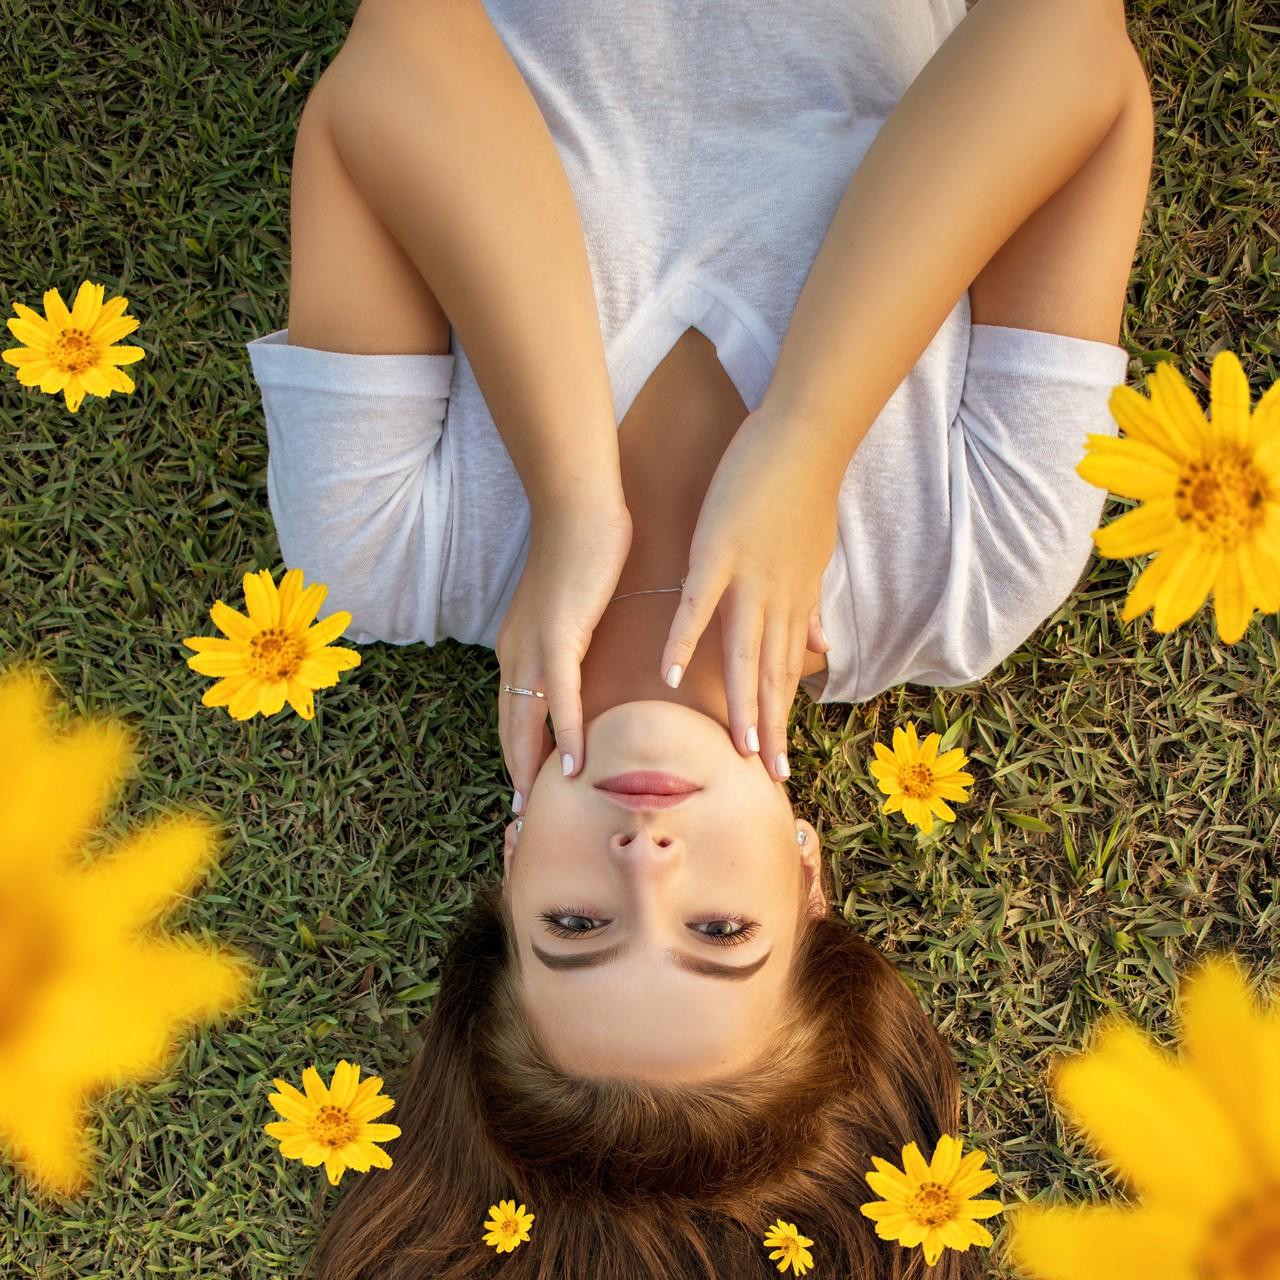 당신의 일상에 자연의 생기가득한 에너지를 전합니다.